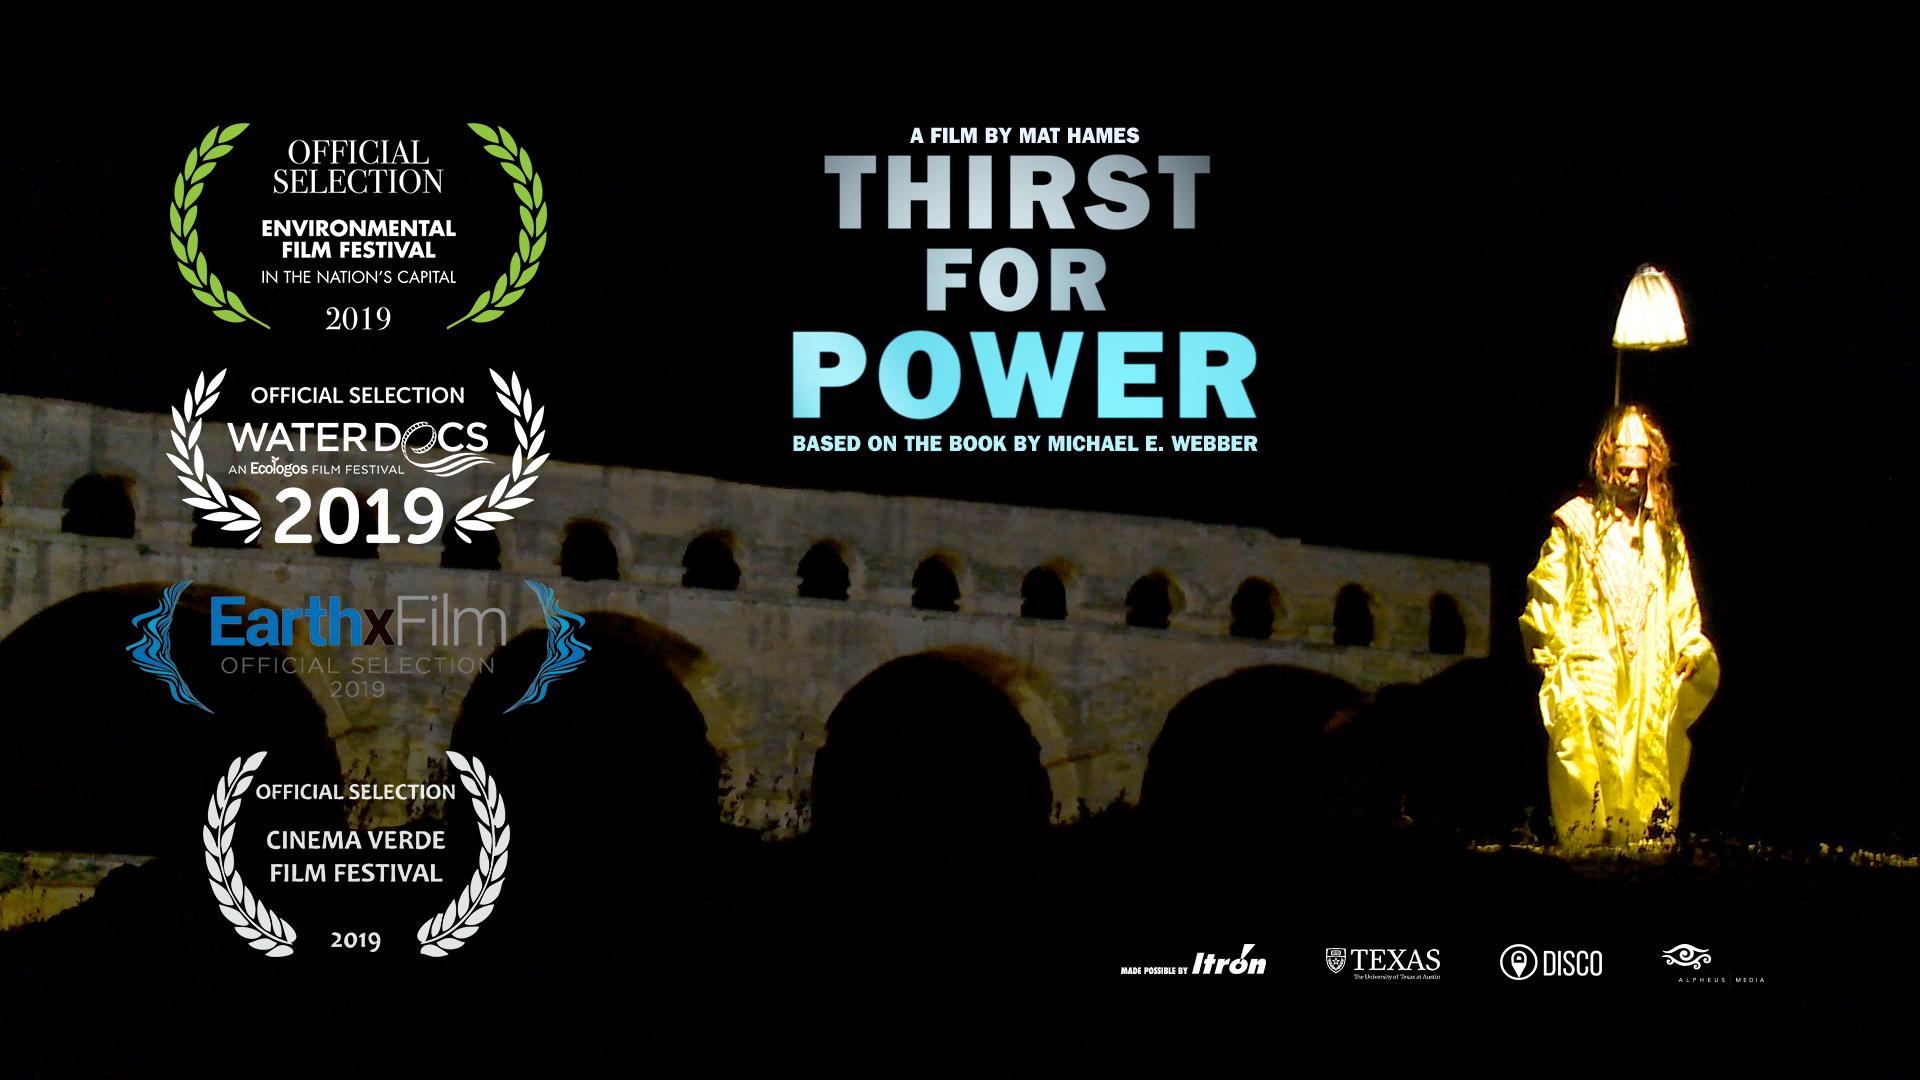 ThirstForPower_FB_WREATHS2.jpg